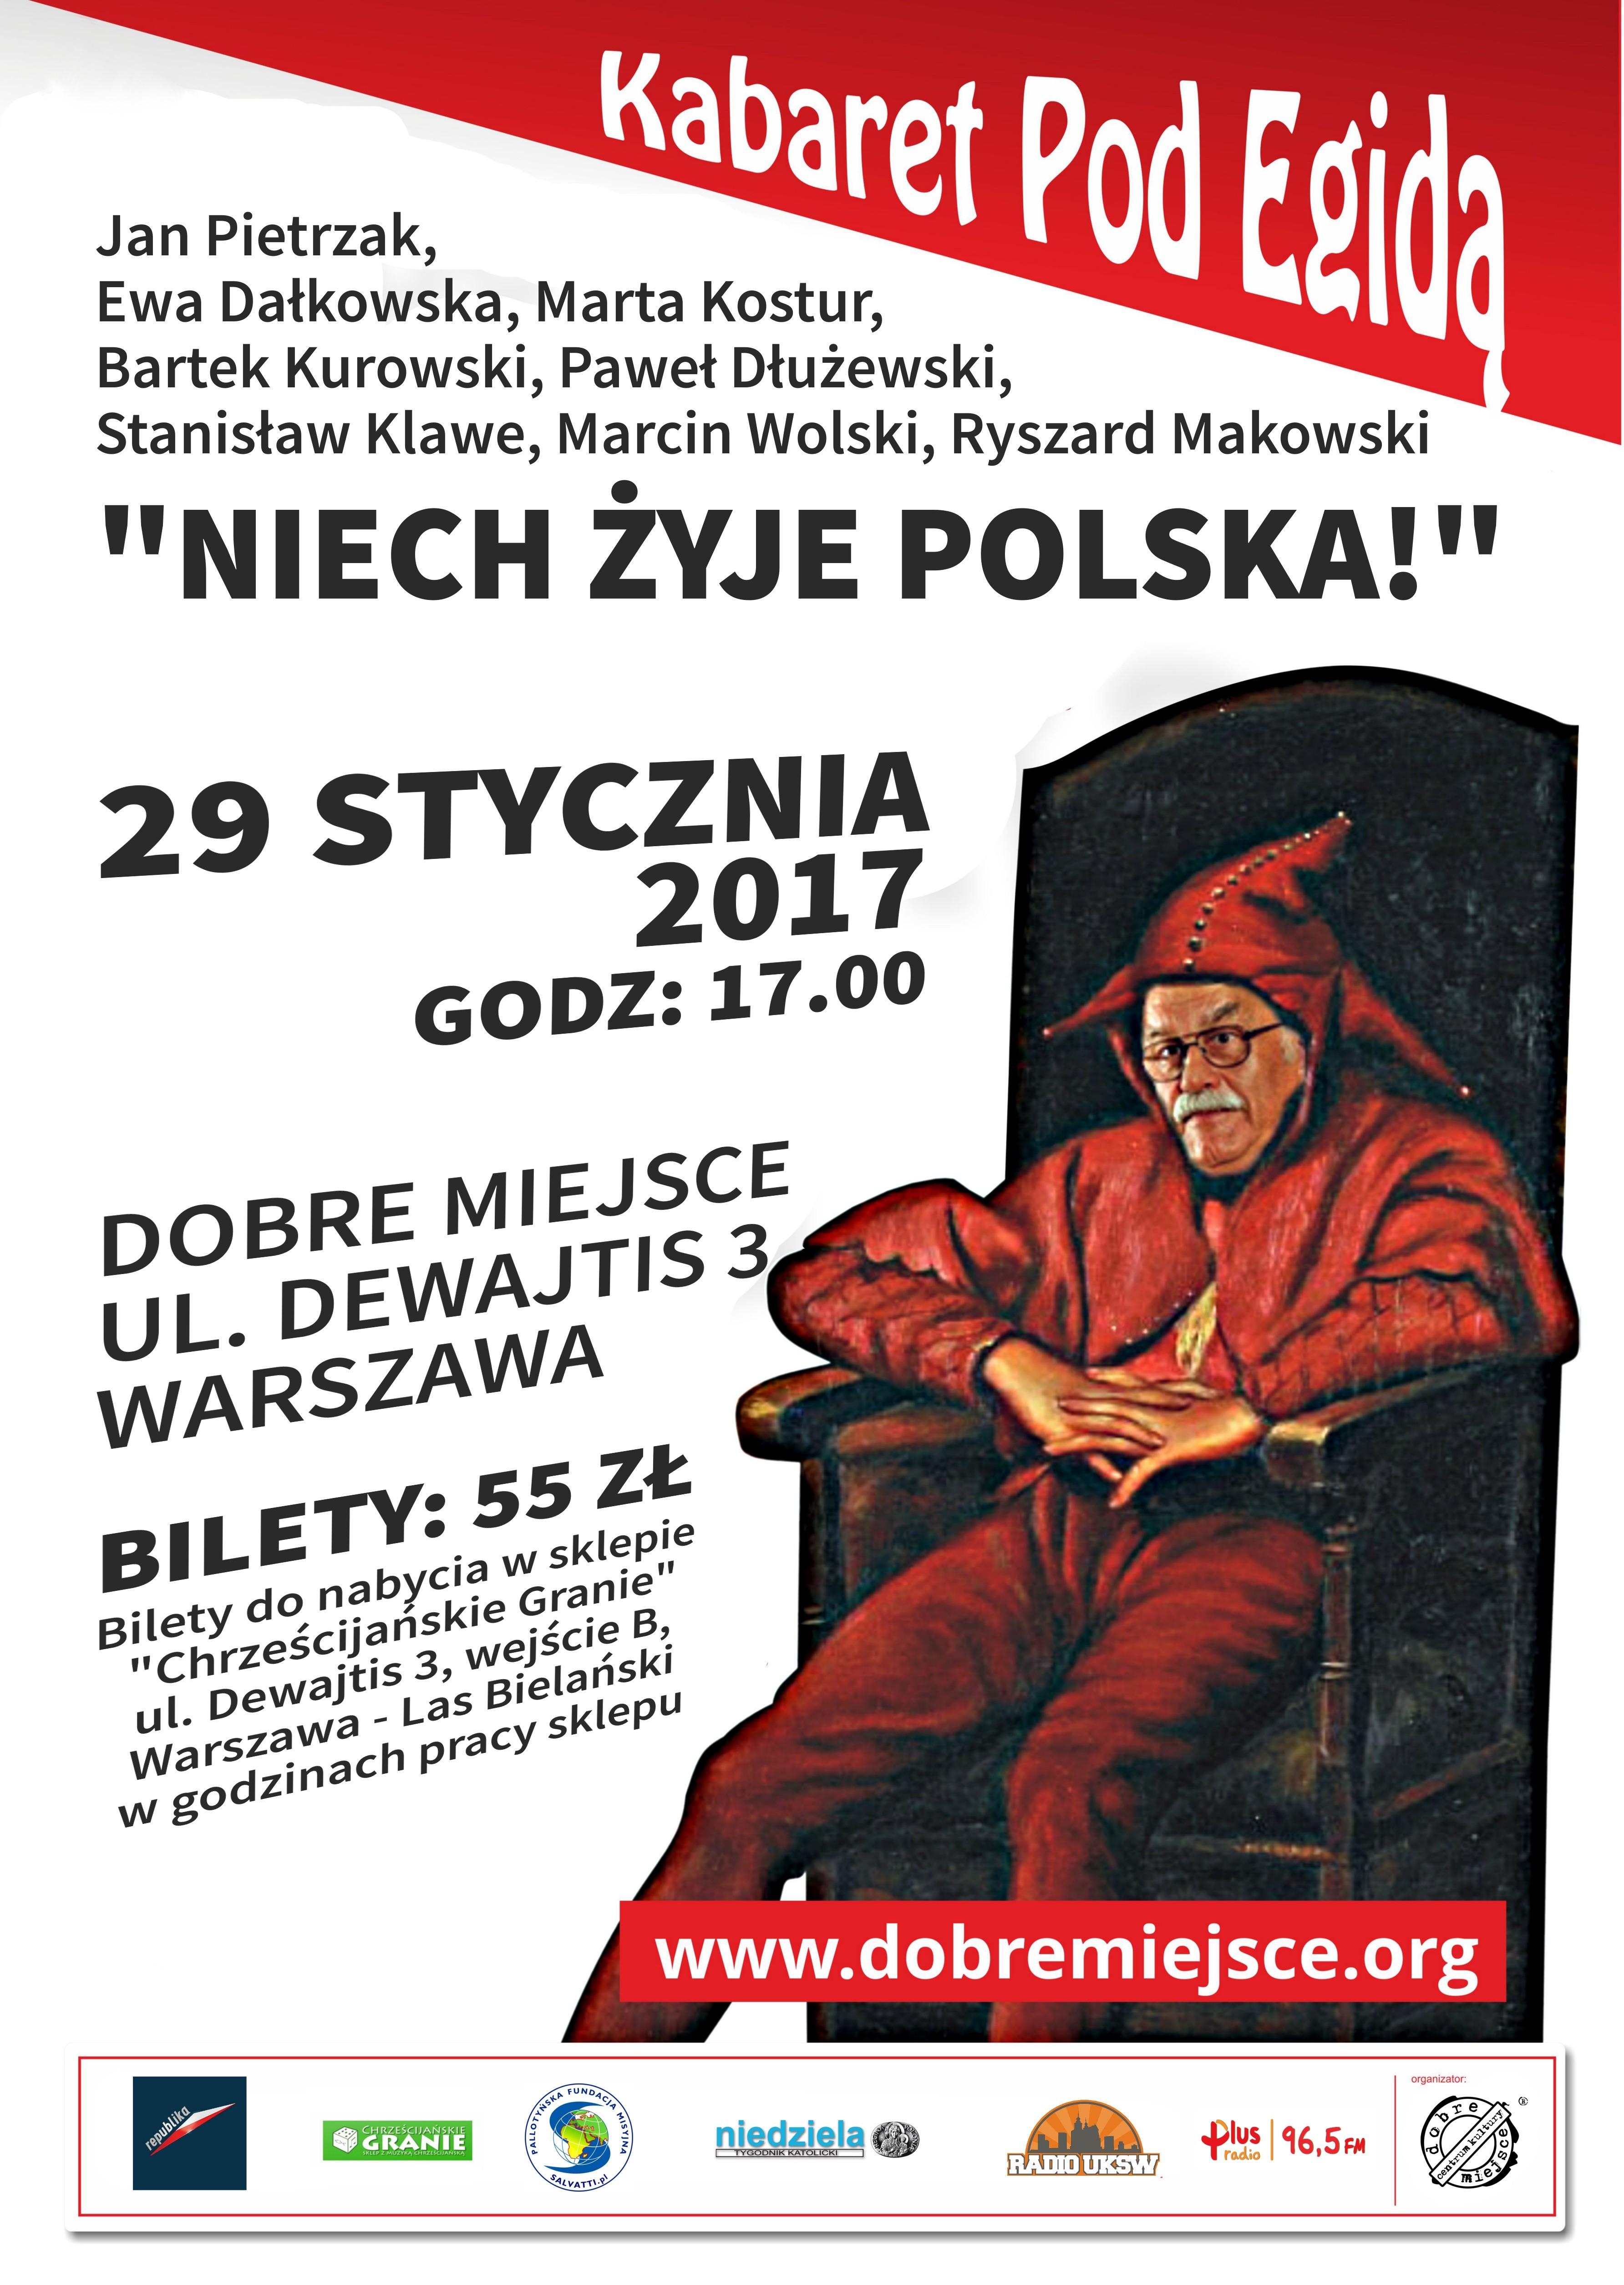 kpe_dobre_miejsce_2017v1